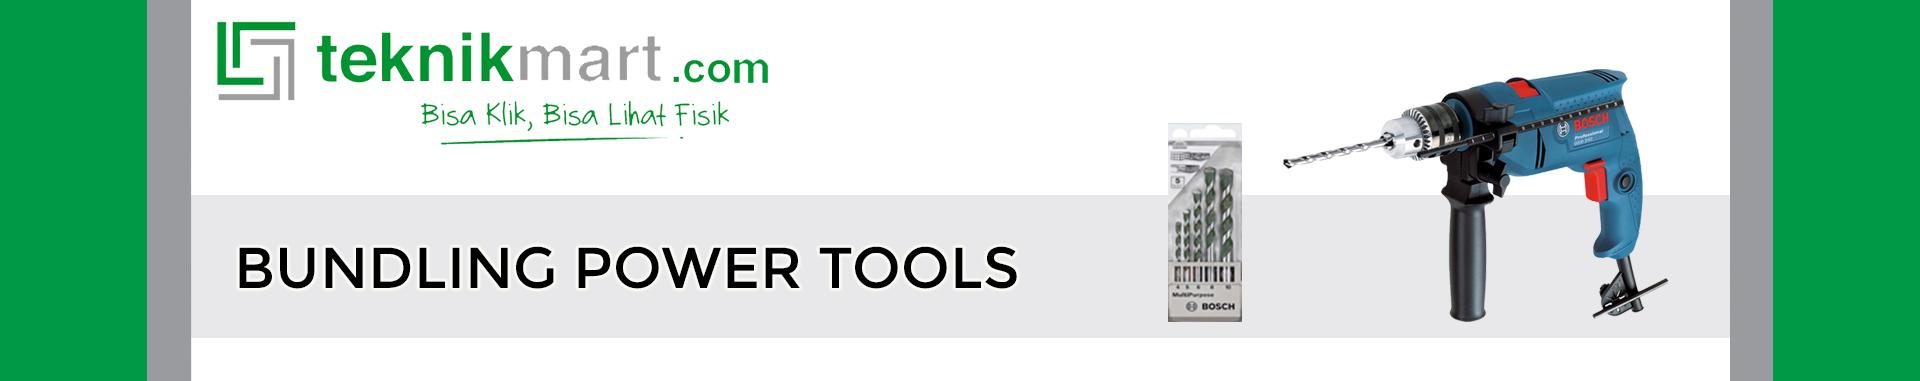 Bundling Power Tools